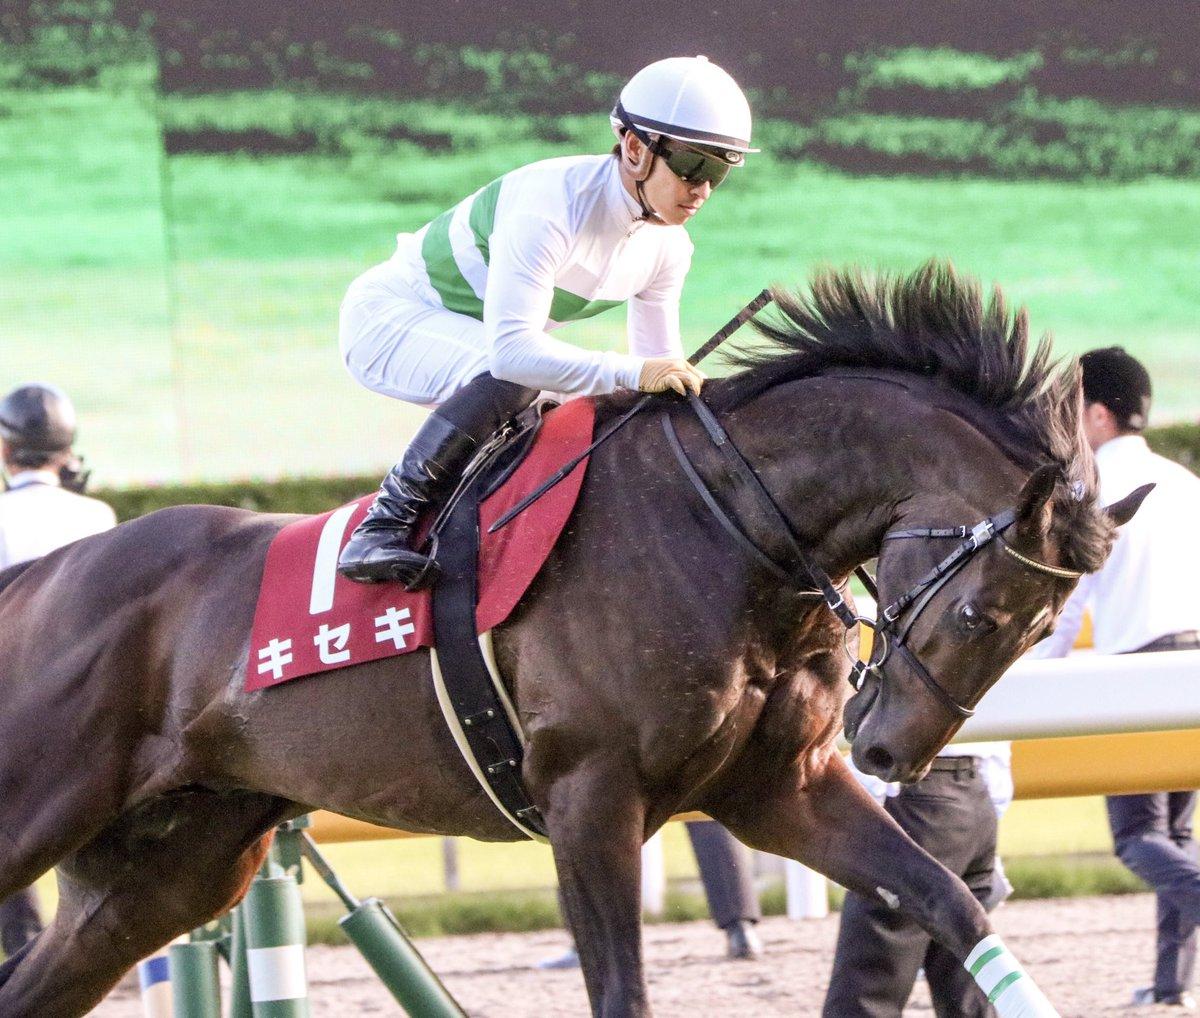 キセキ凱旋門賞挑戦表明記念✨ 返し馬が好きなのは、キセキとアエロリット。 やってやる気満々の気迫溢れる返し馬はヒヤヒヤでドキドキです💘 凱旋門賞の返し馬はどんな感じになるんだろうな☺️ ※写真は毎日王冠